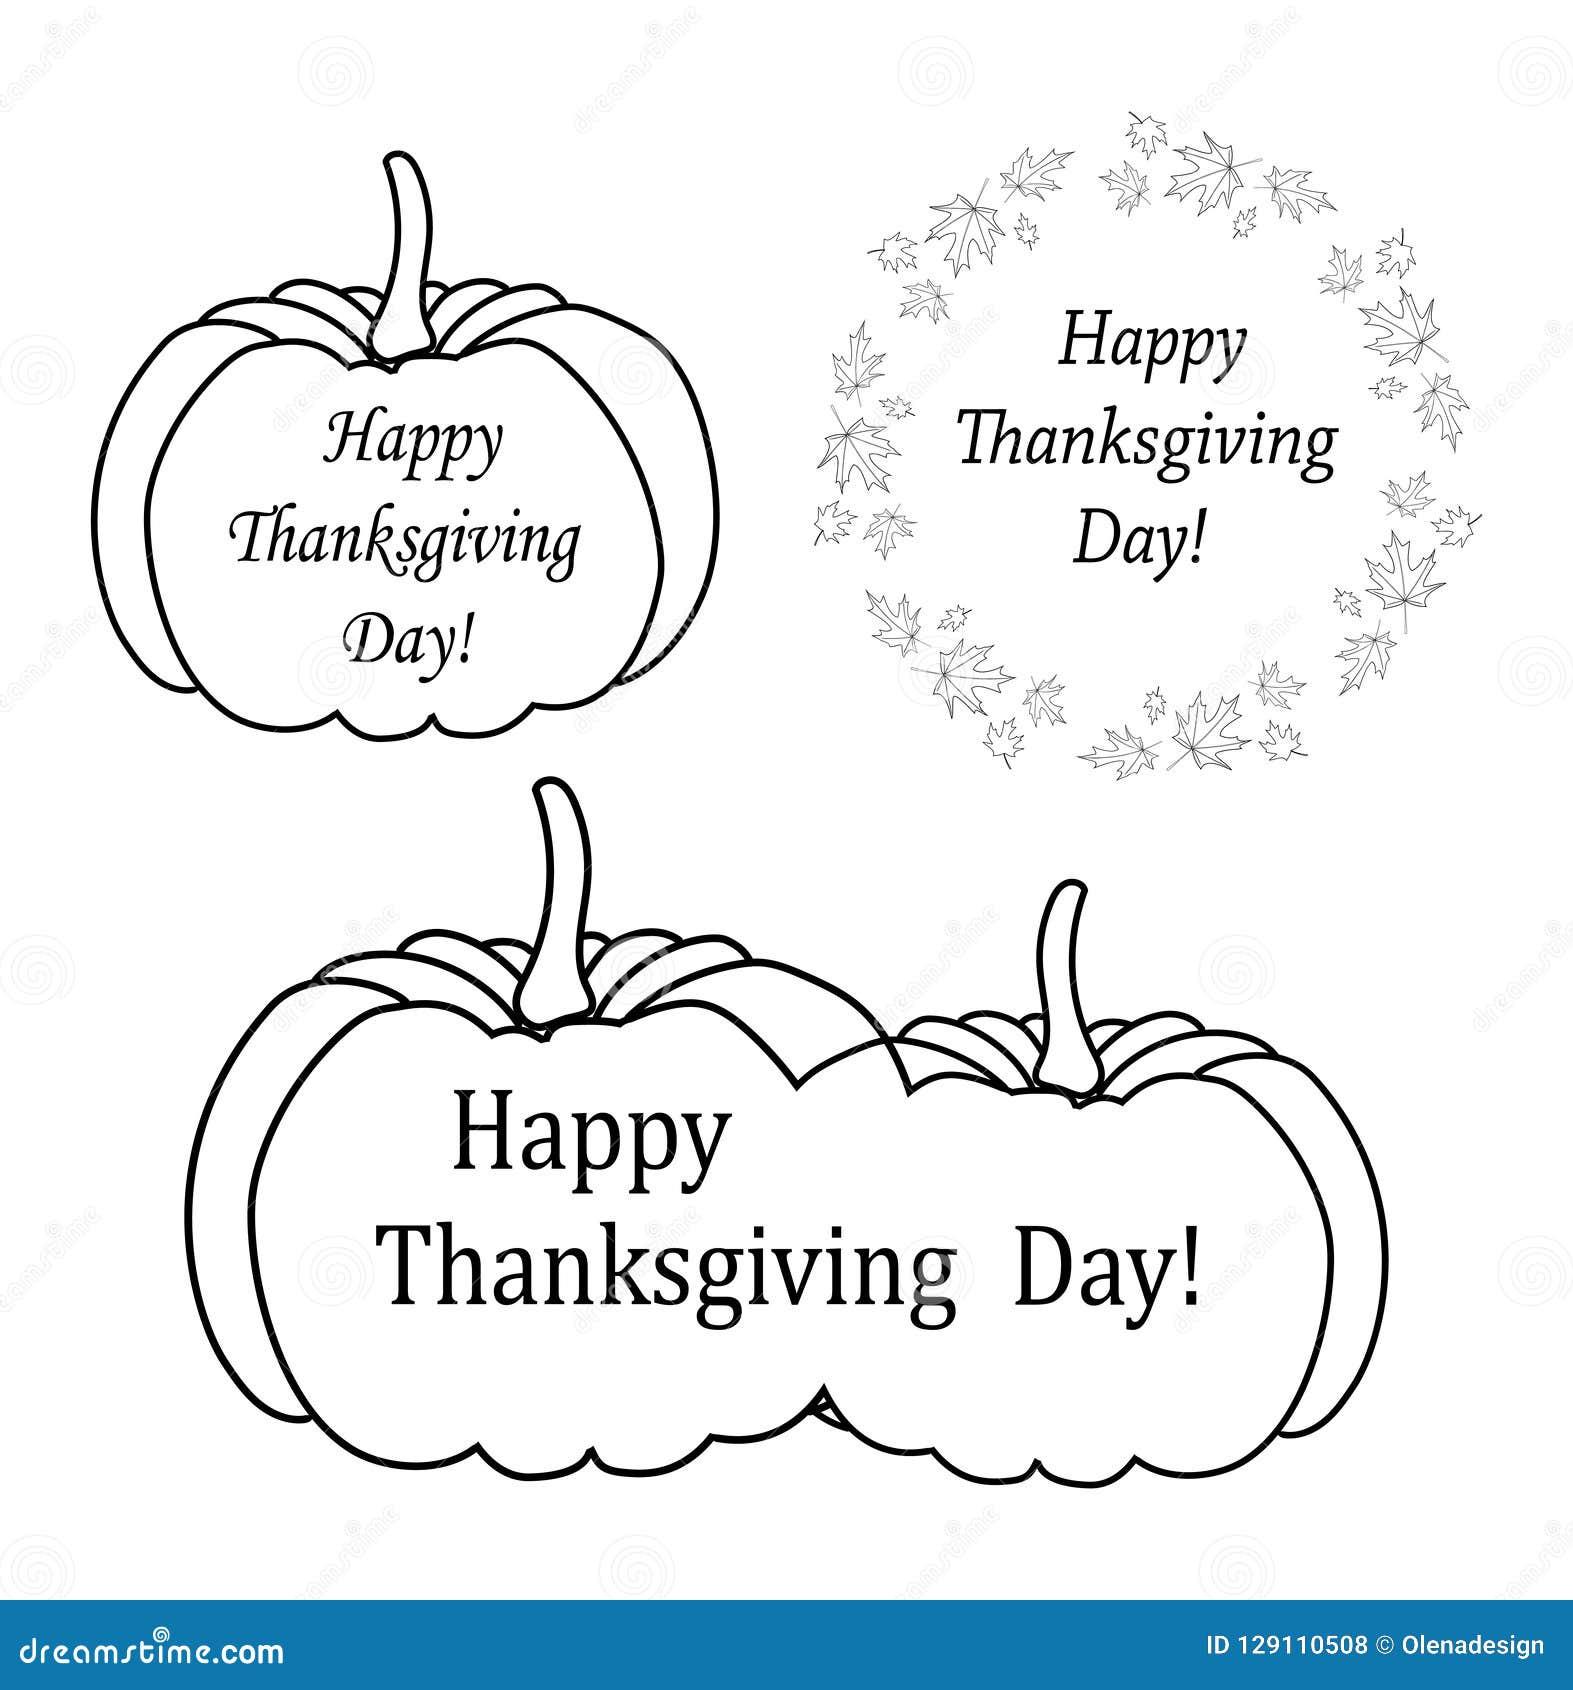 Διακοσμητικά στοιχεία σχεδίου για την ημέρα των ευχαριστιών - διάνυσμα